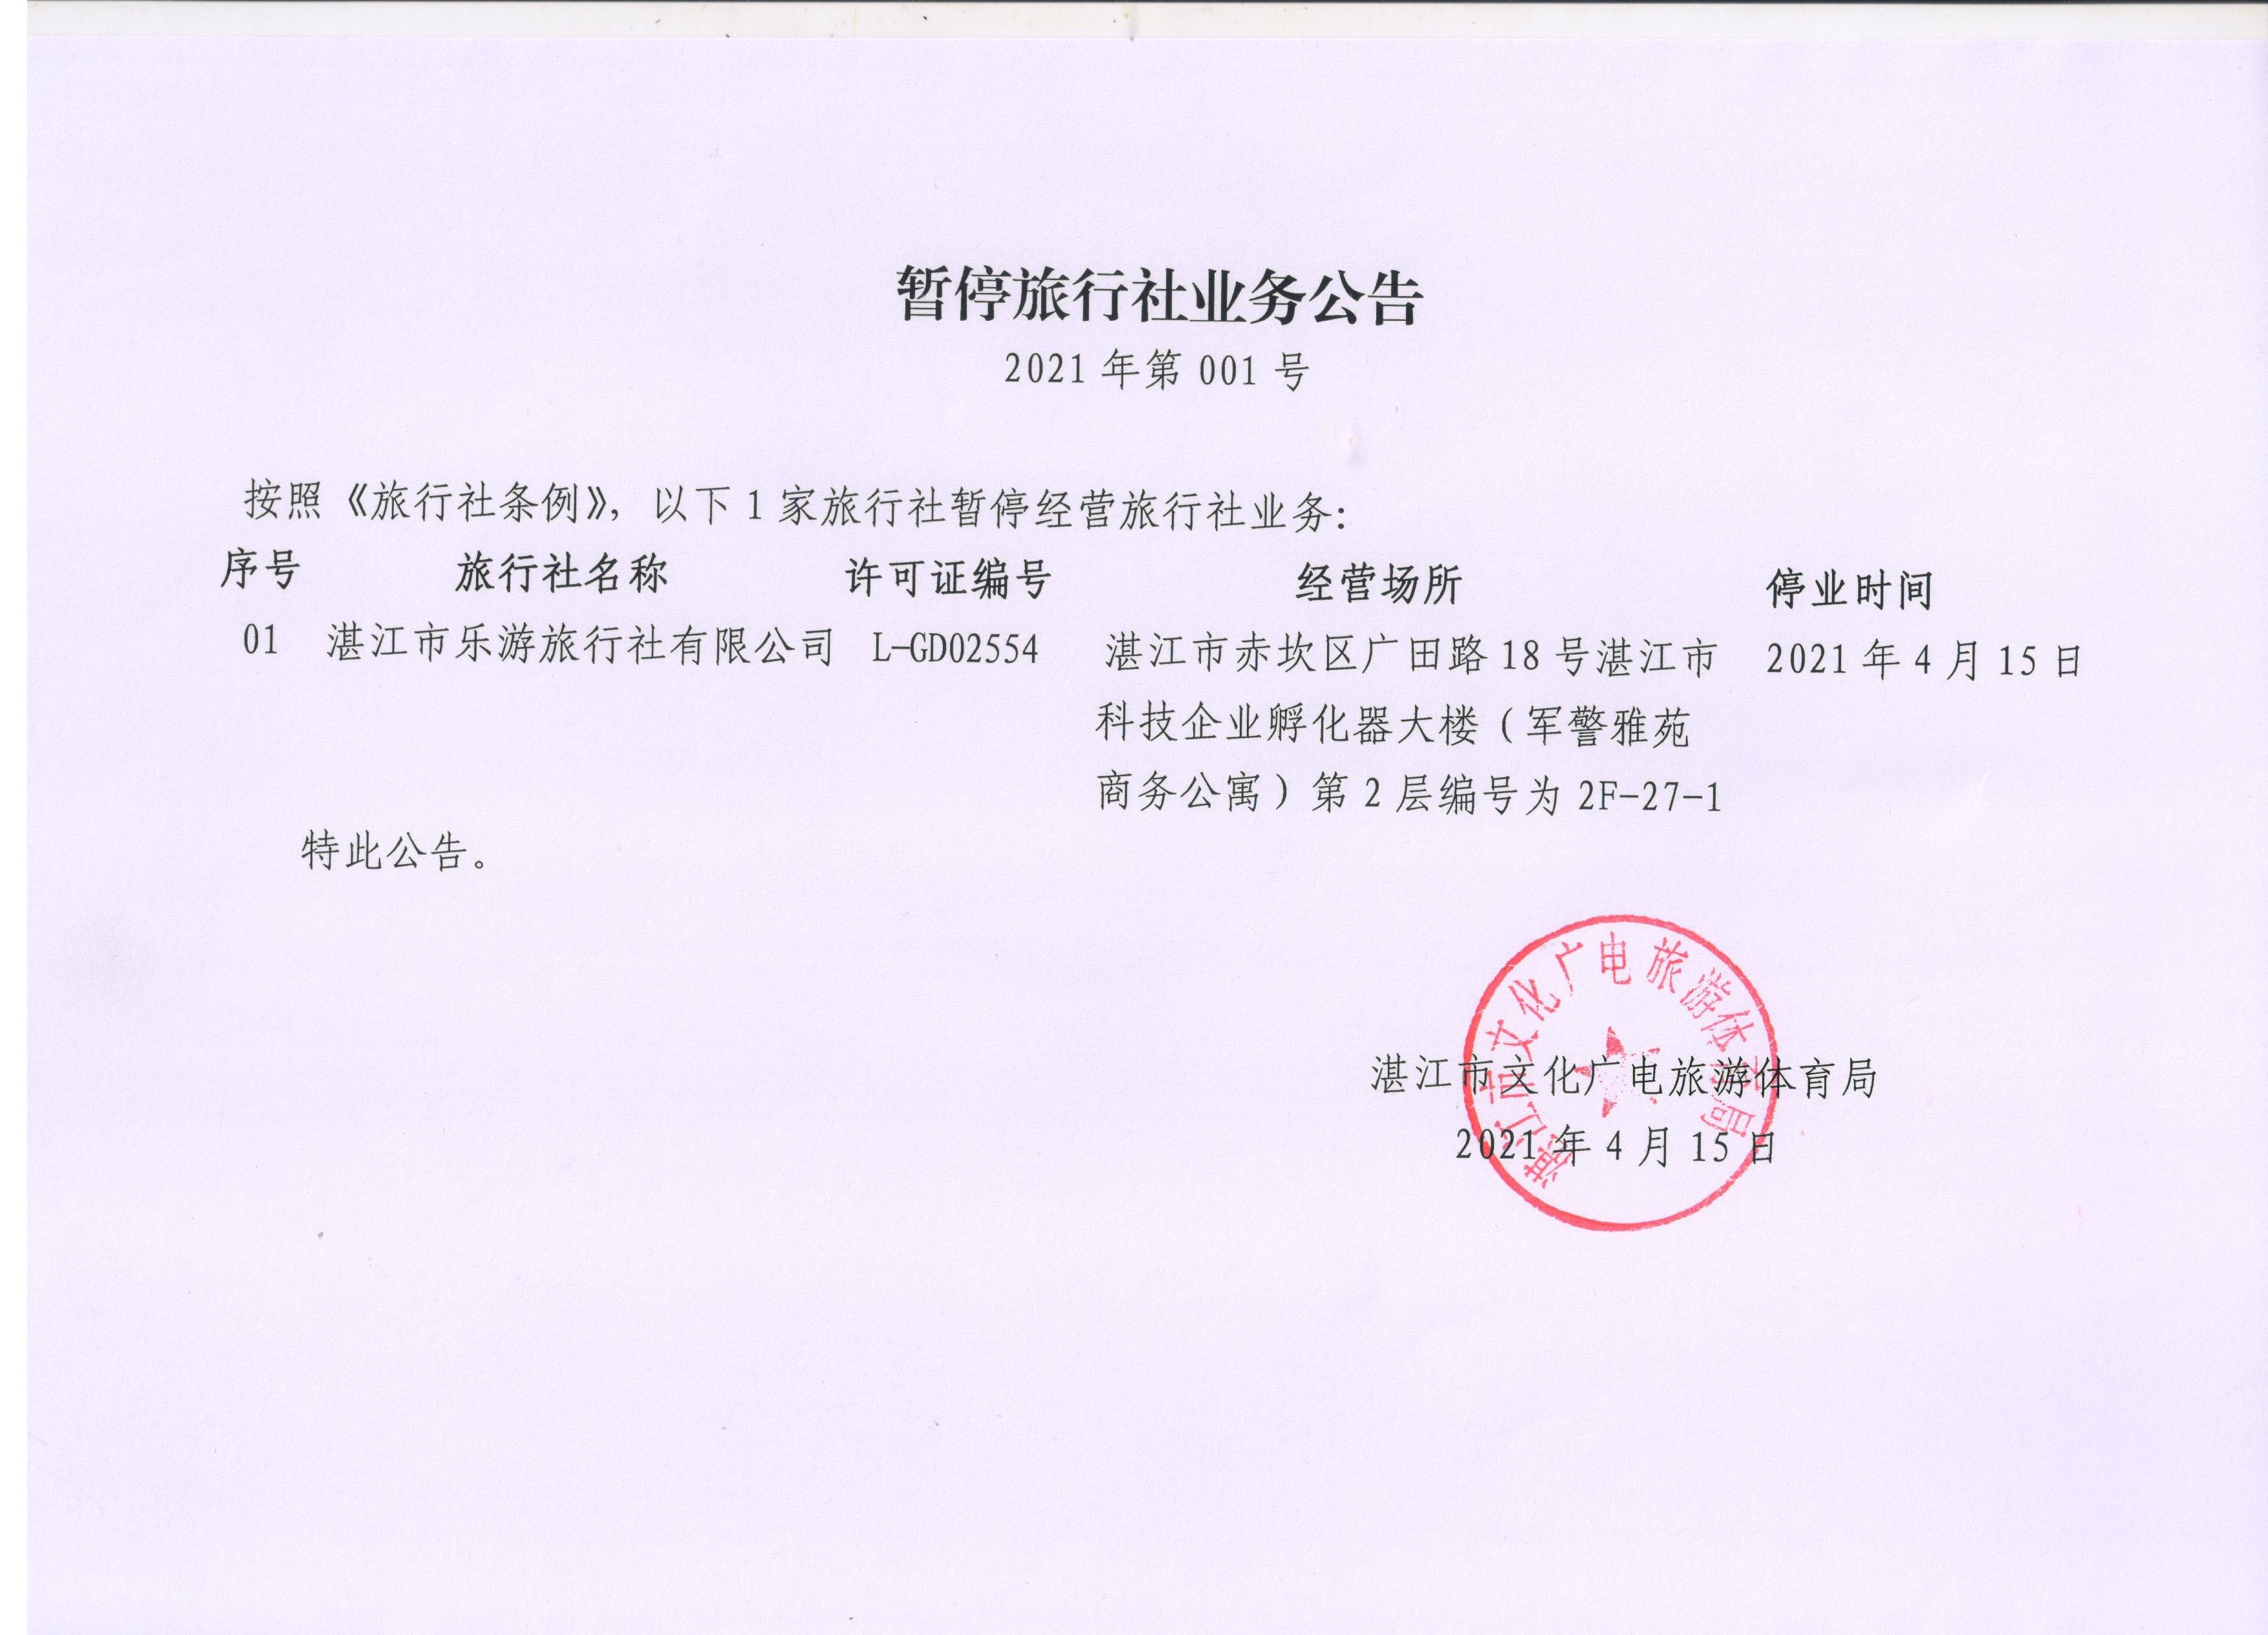 暂停旅行社业务公共(2021年第001号).jpg